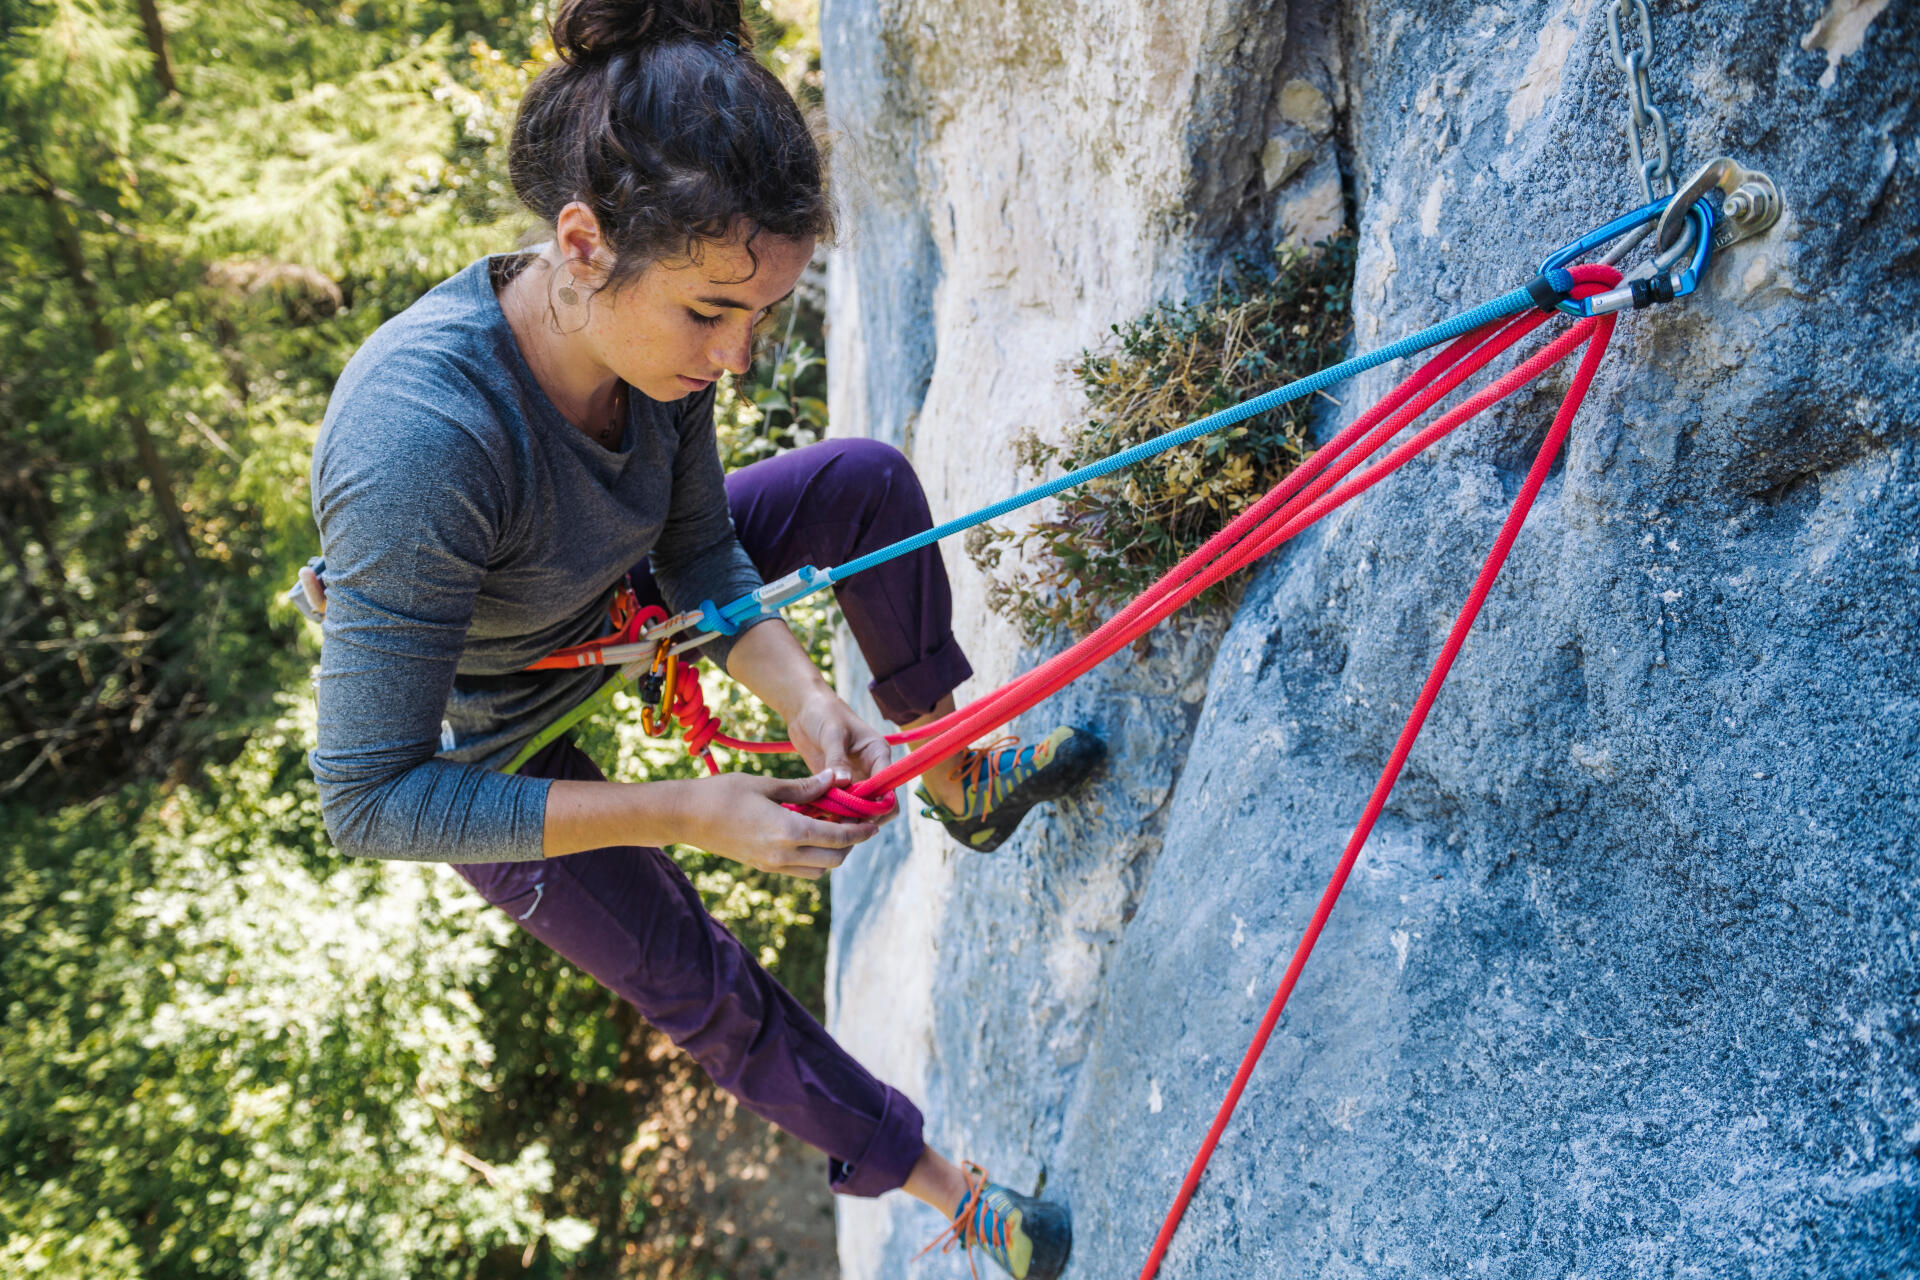 Comment s'équiper pour grimper en extérieur ?